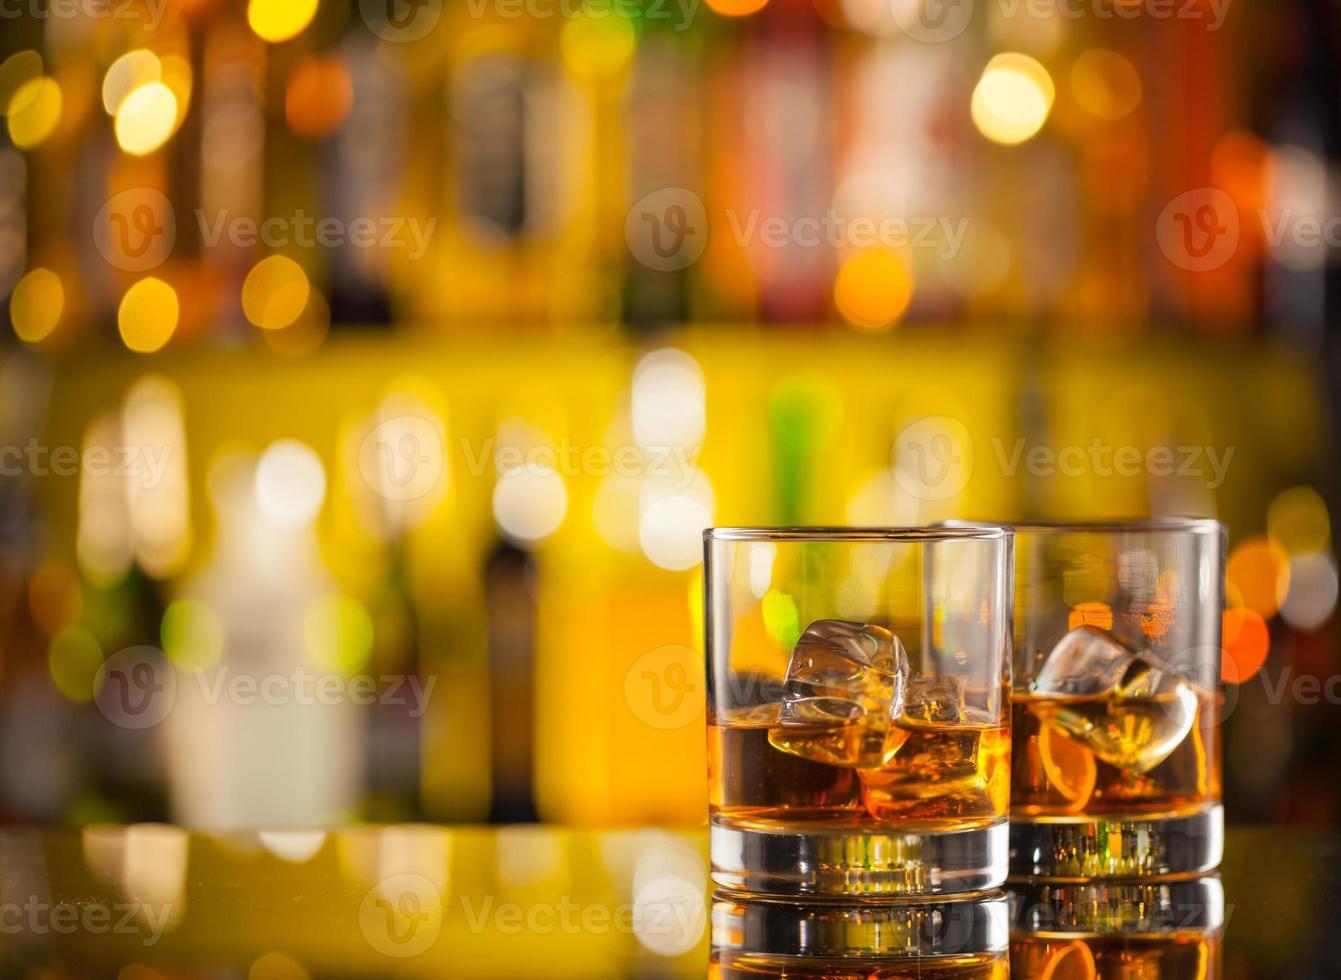 bebidas de whisky en barra de bar foto